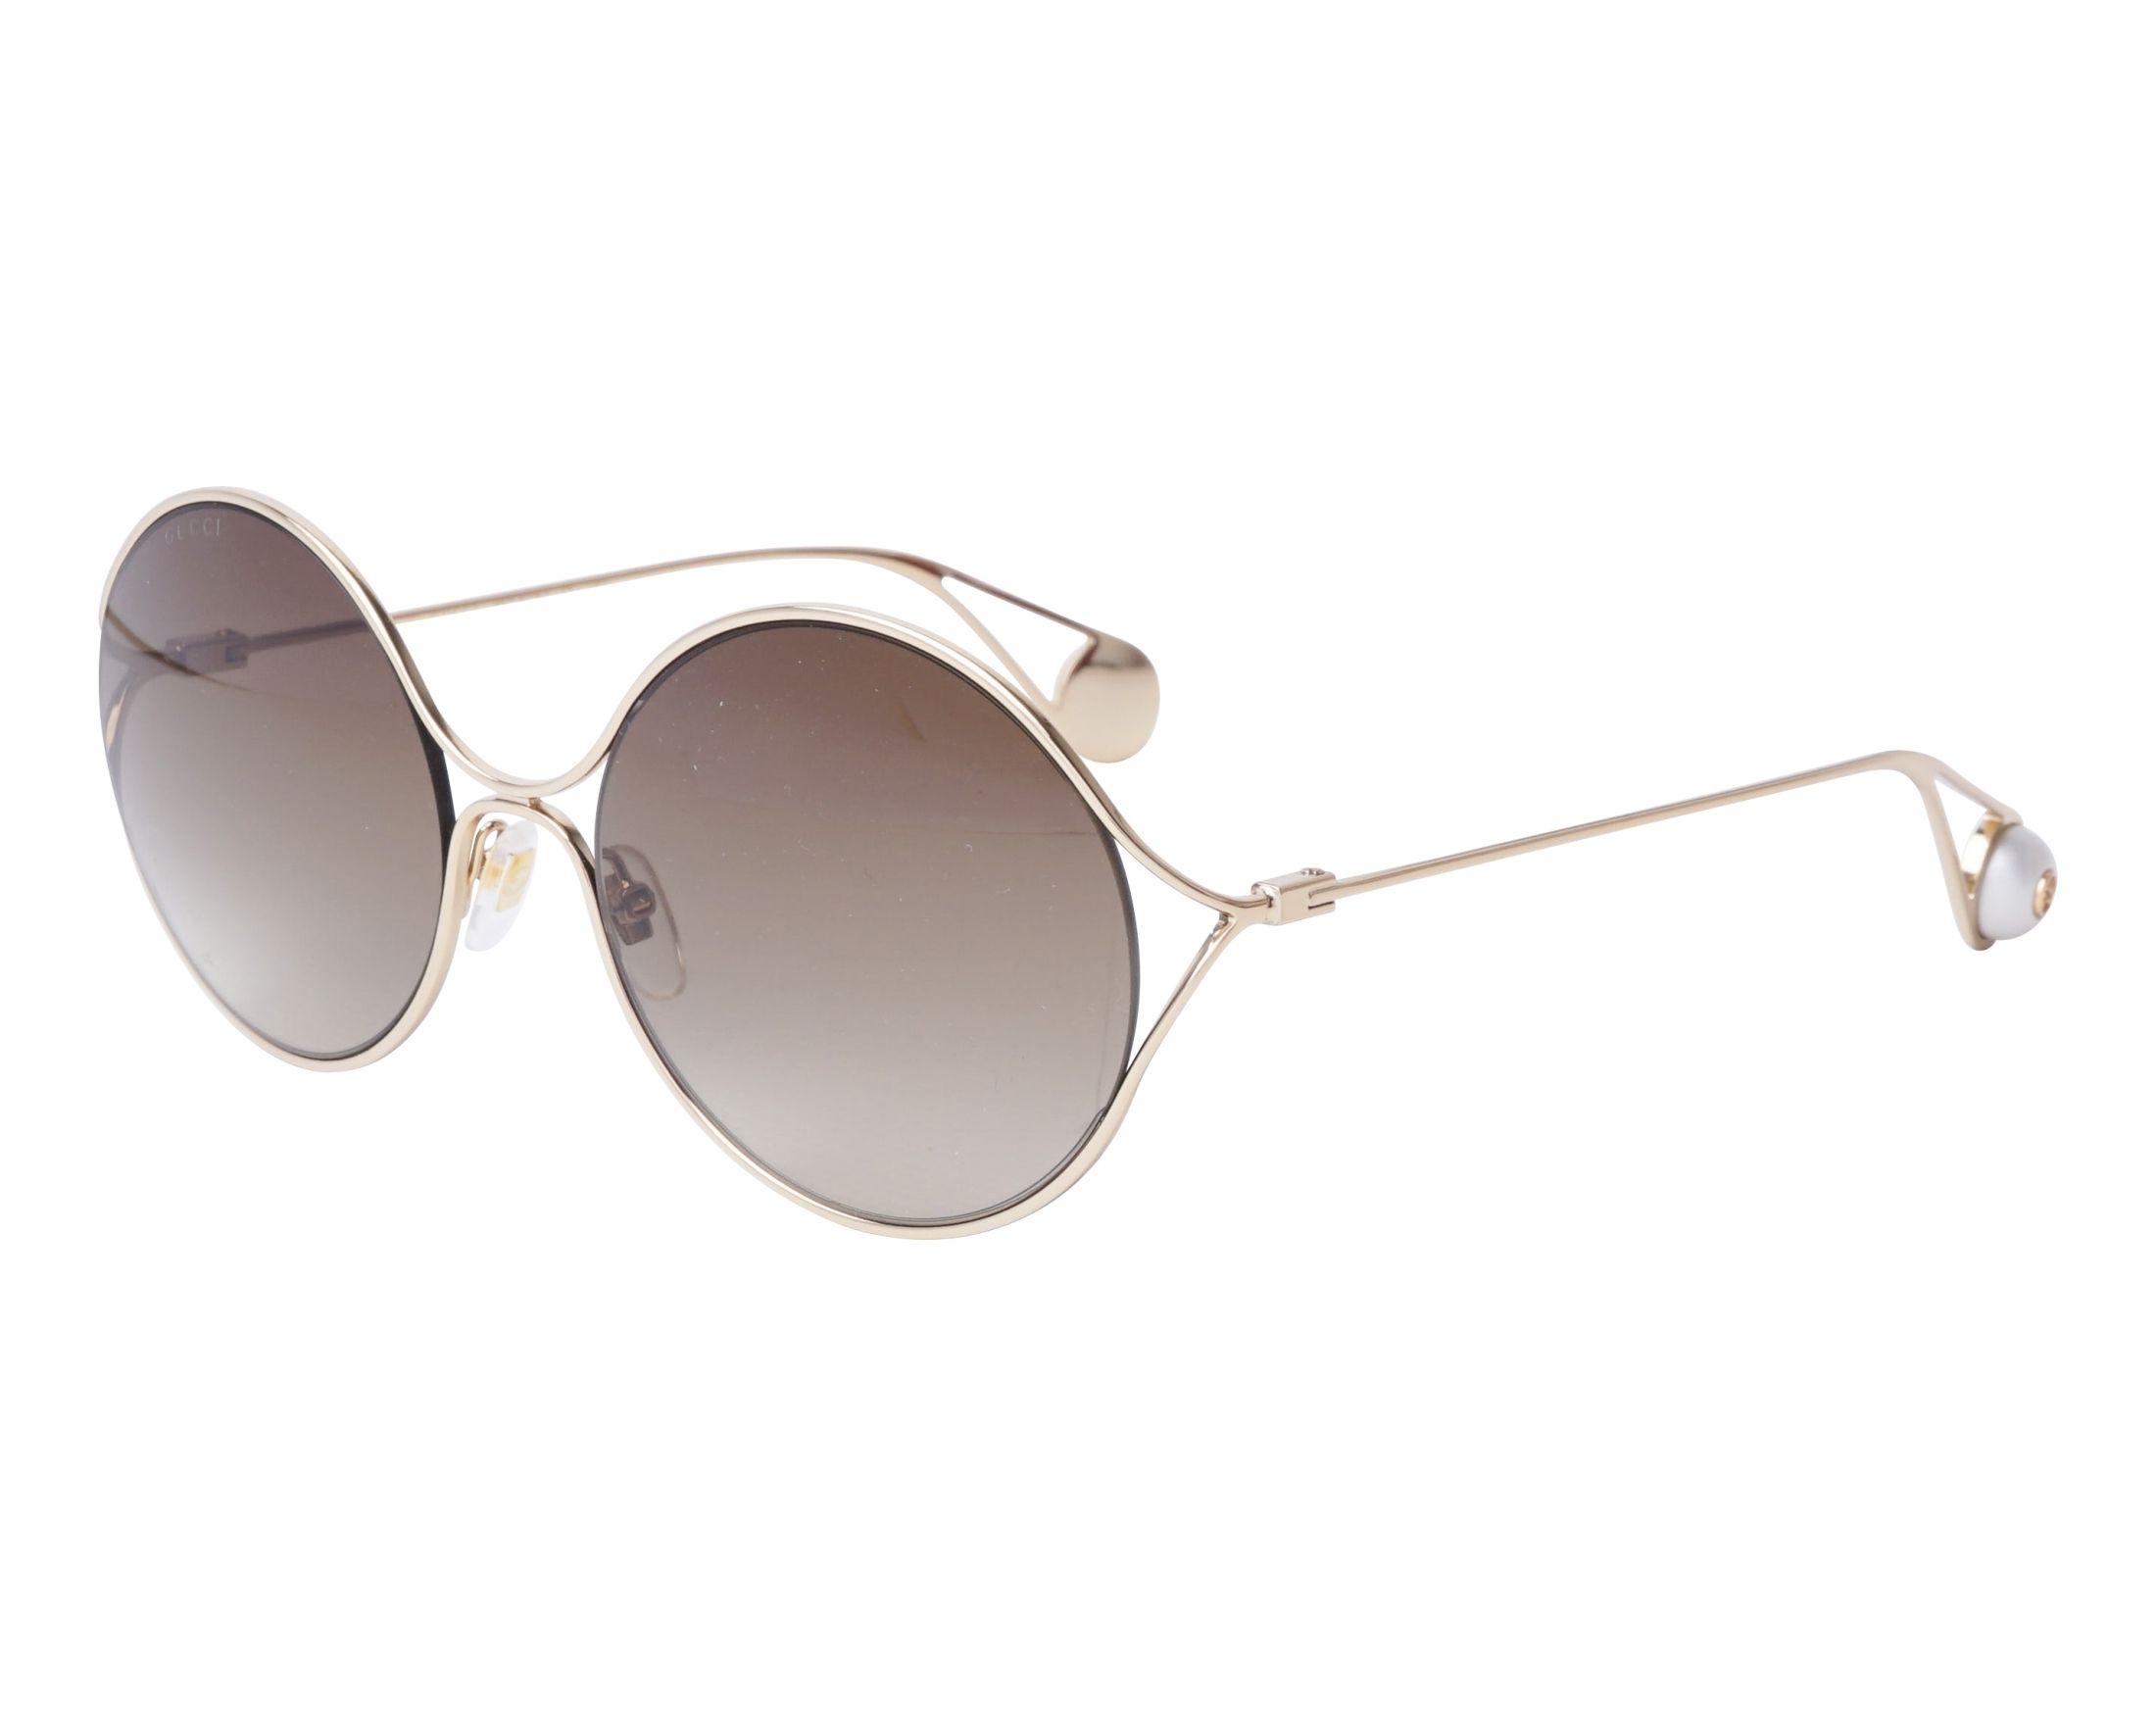 Sunglasses Gucci GG-0253-S 002 58-20 Gold profile view 9a29aec72f